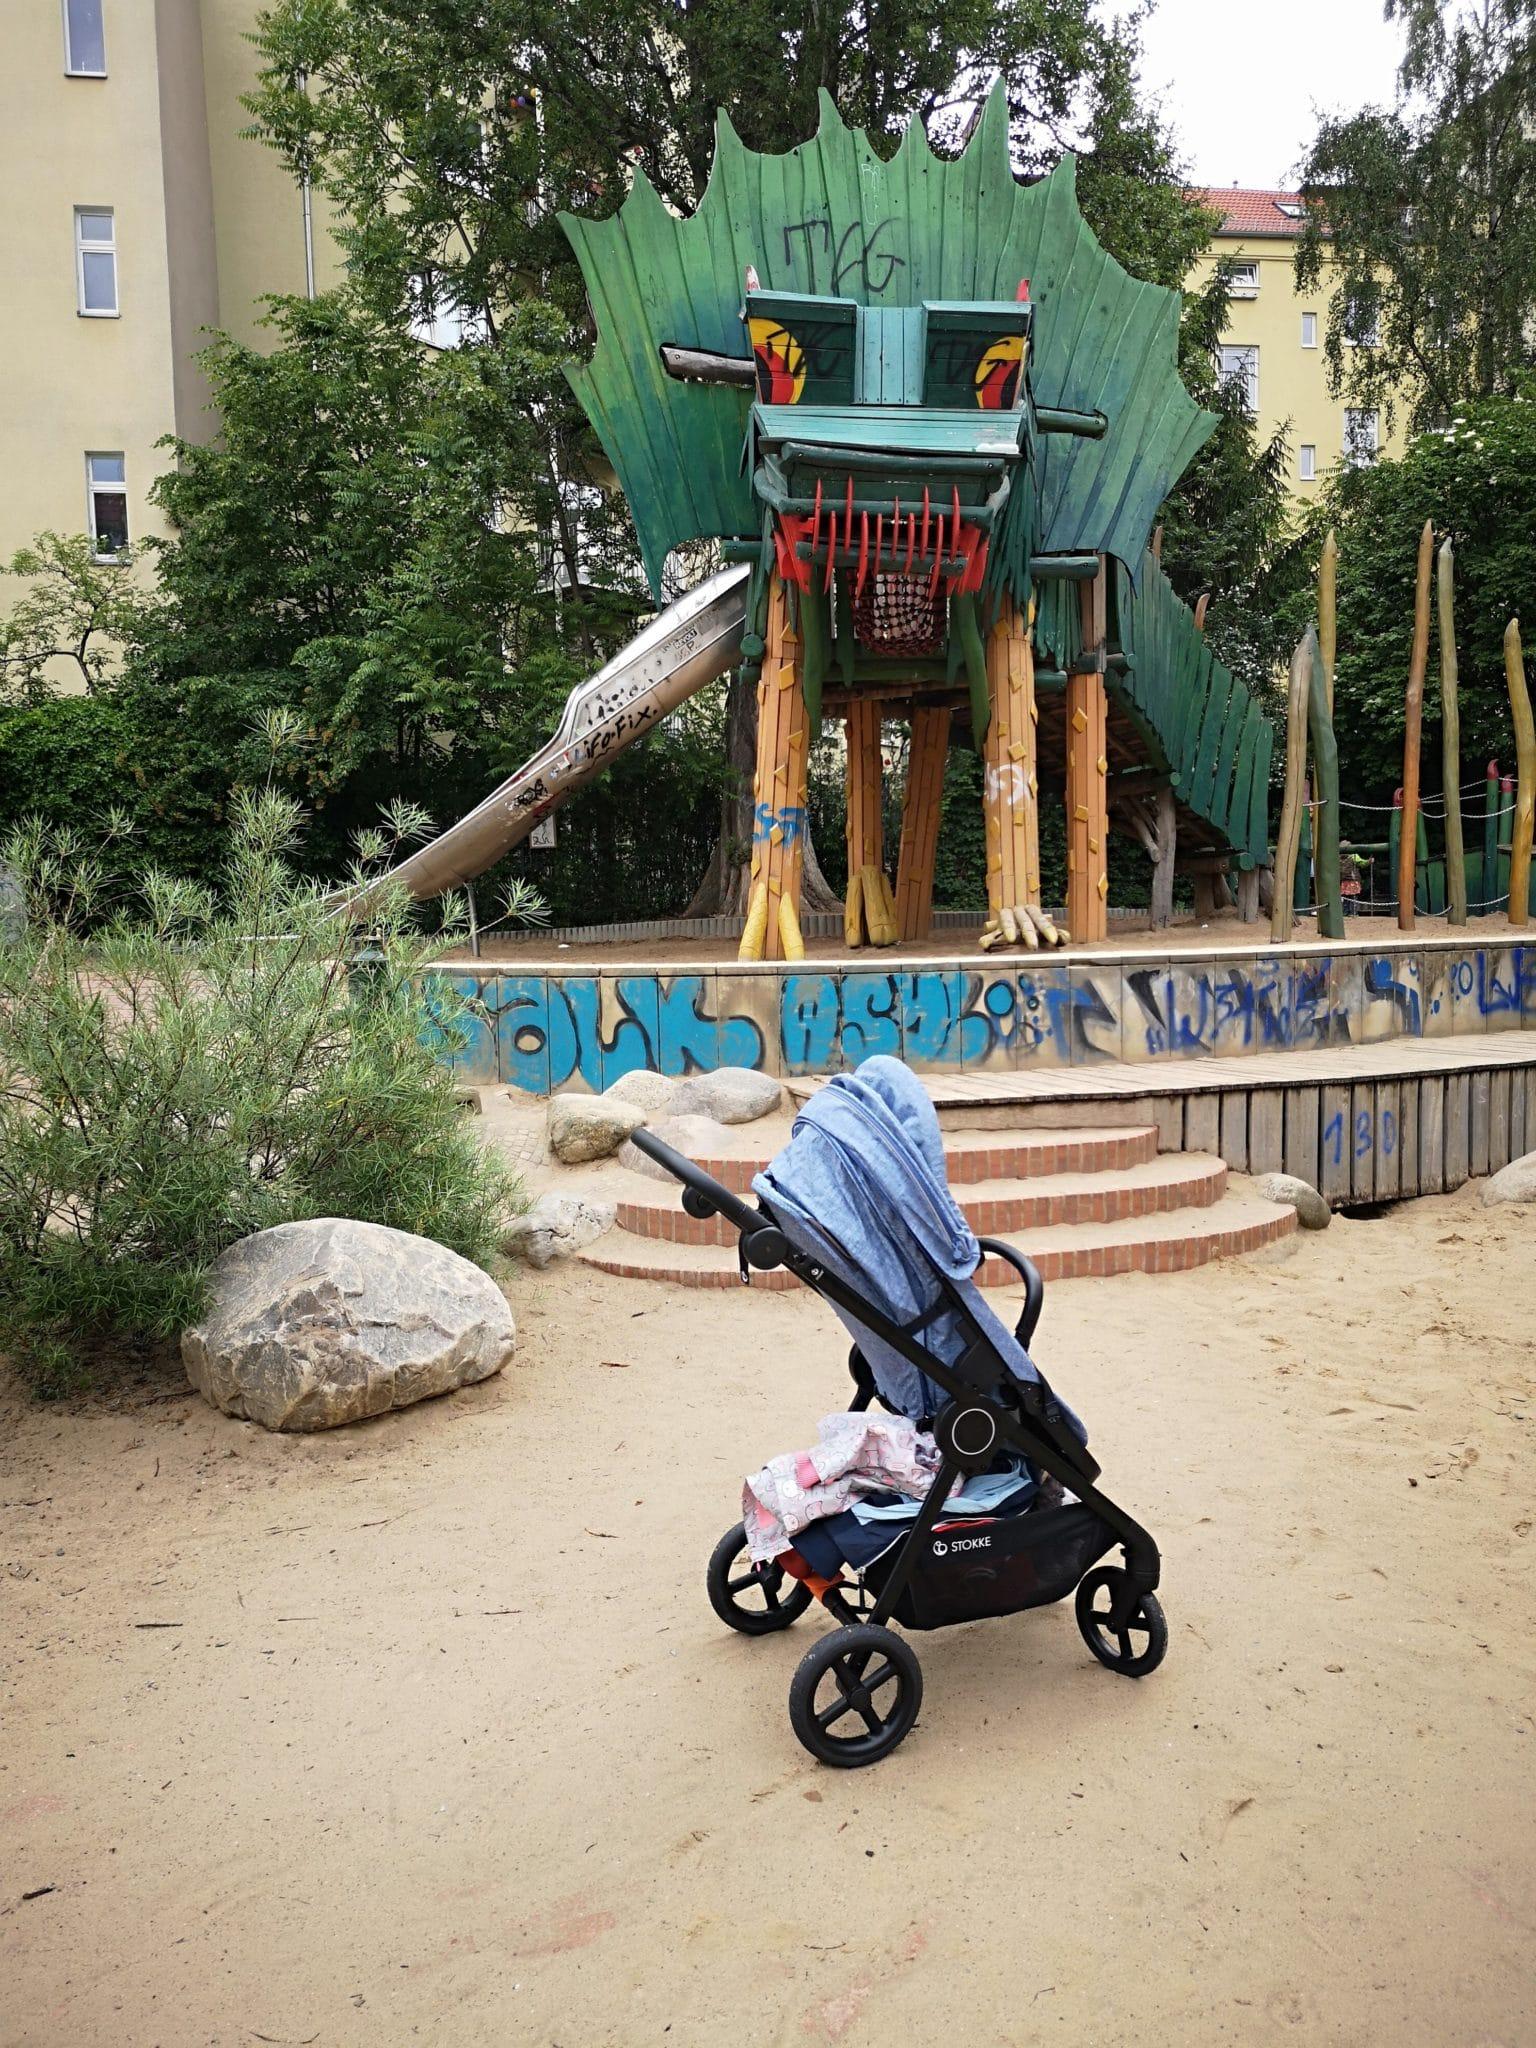 Ein Kinderwagen auf einem Spielplatz im Hintergrund ein Drachenkopf